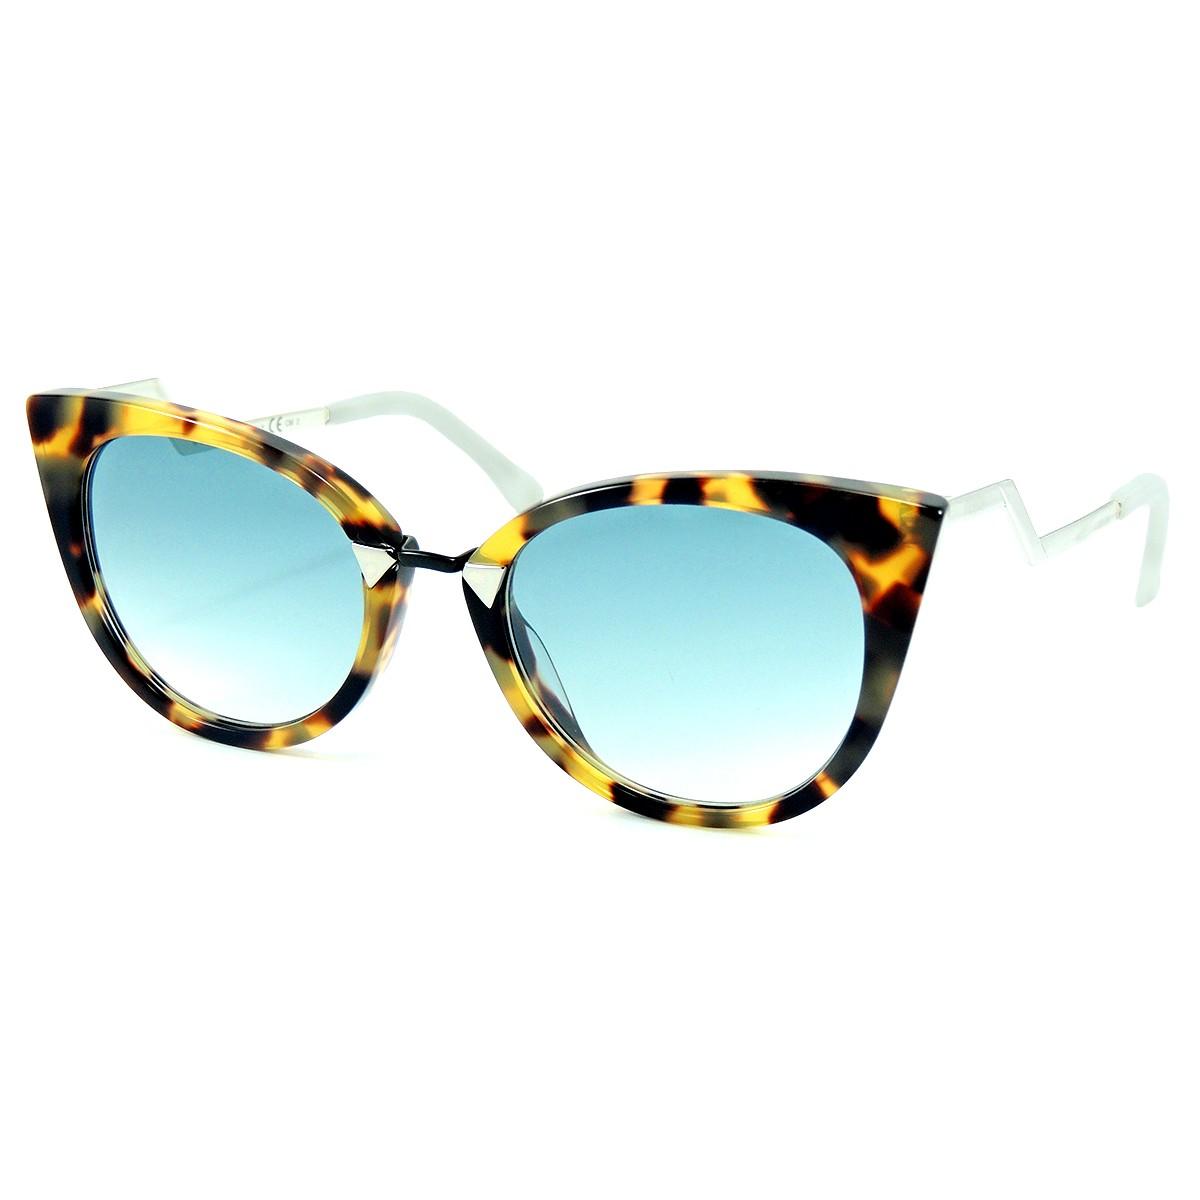 52288ca07a727 Compre Óculos de Sol Fendi Orchidea em 10X   Tri-Jóia Shop